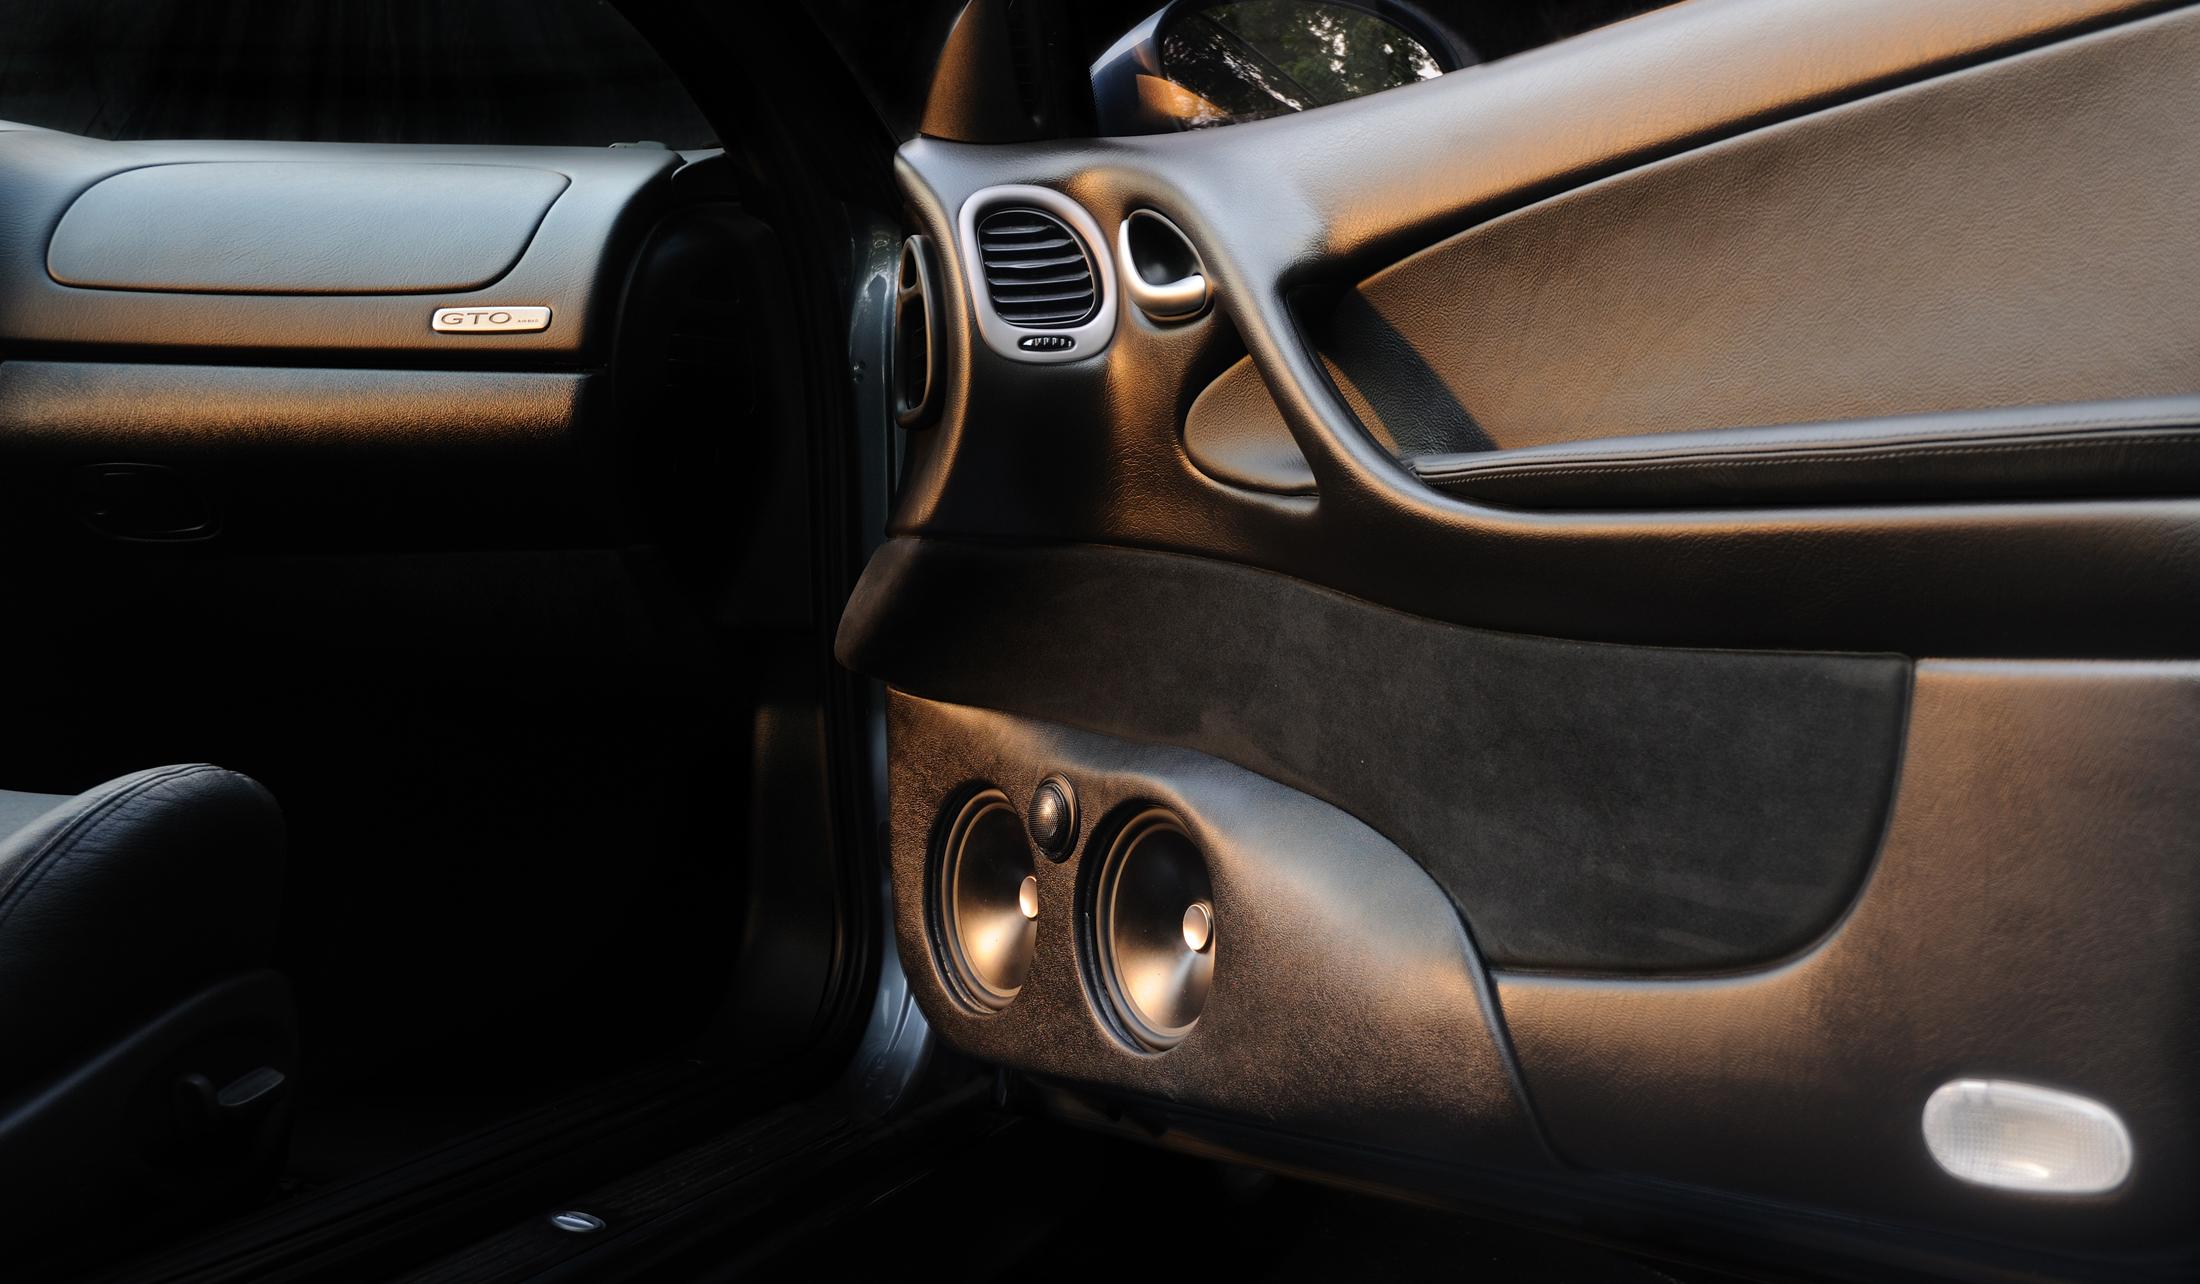 Pontiac Gto Santa Fe Auto Sound